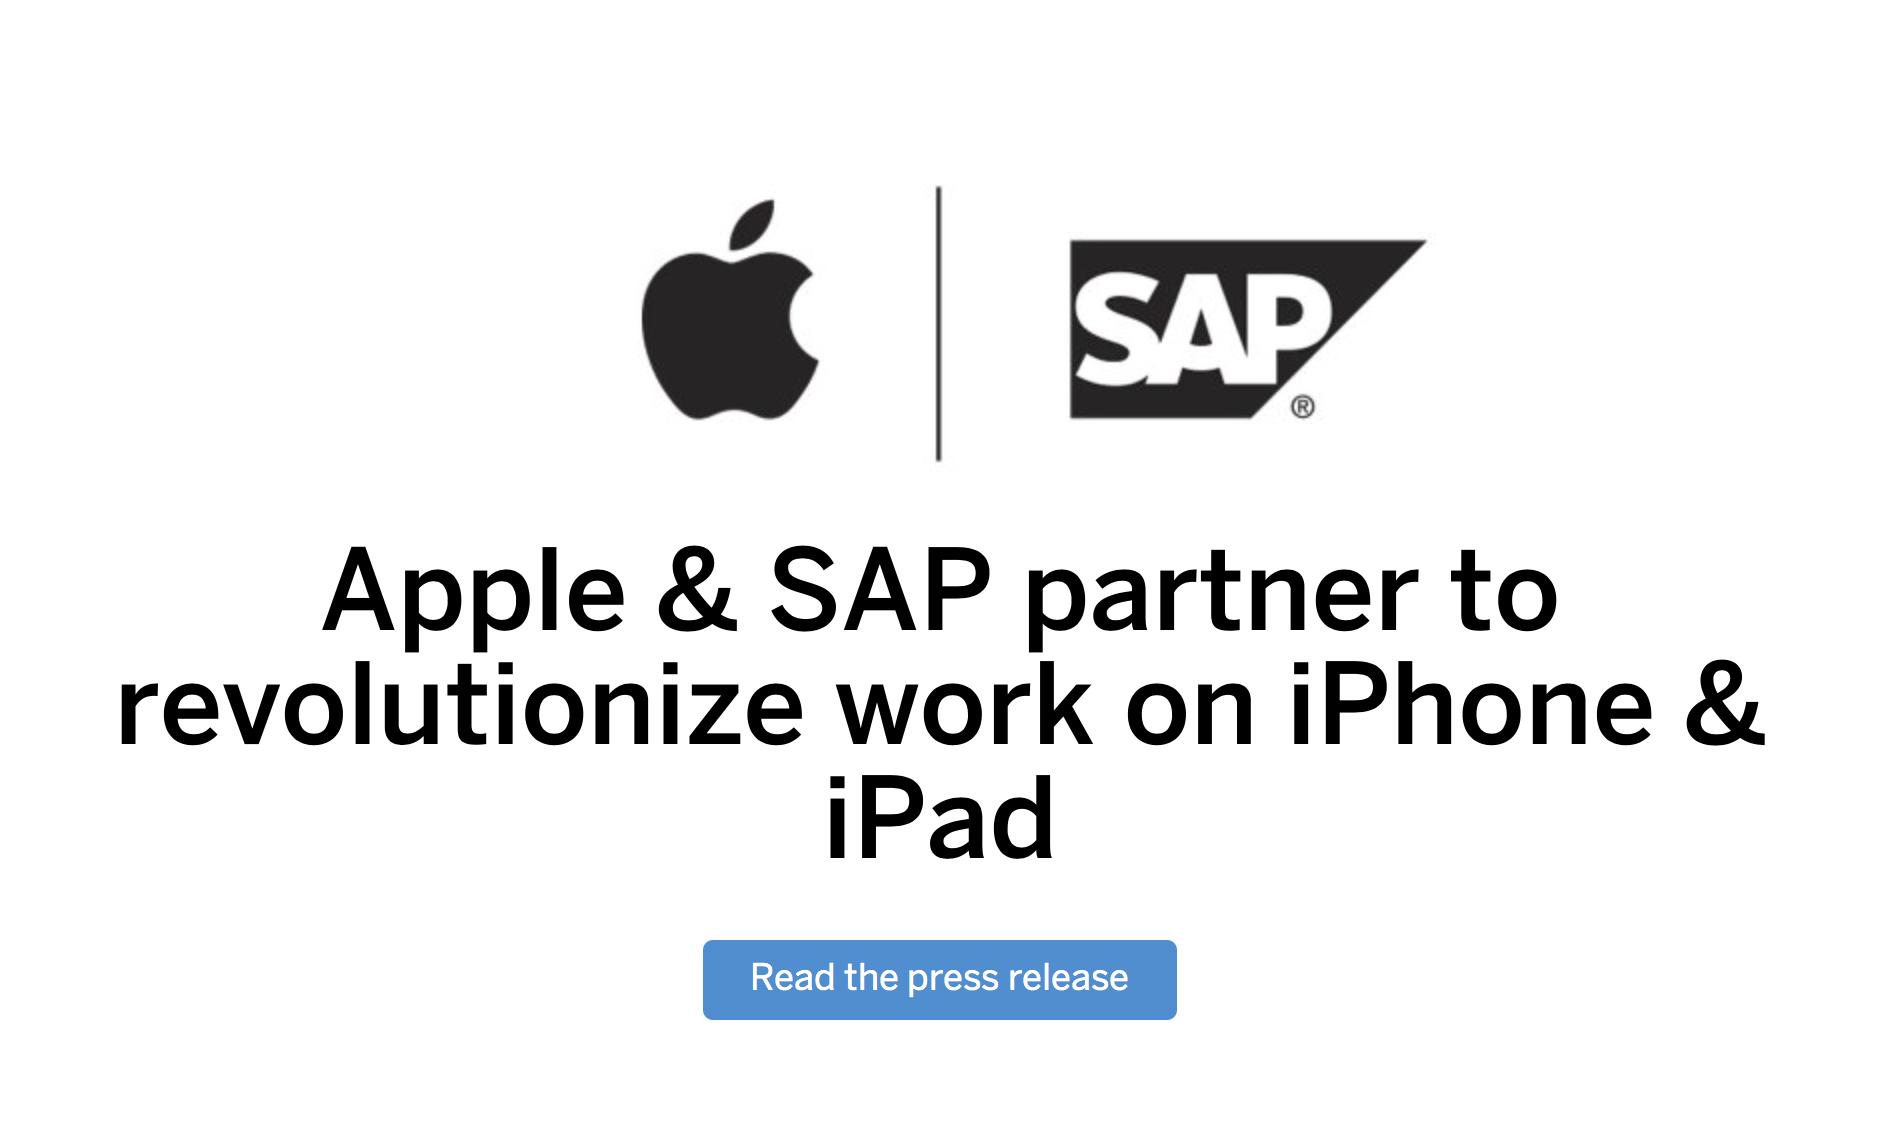 apple_sap_partner